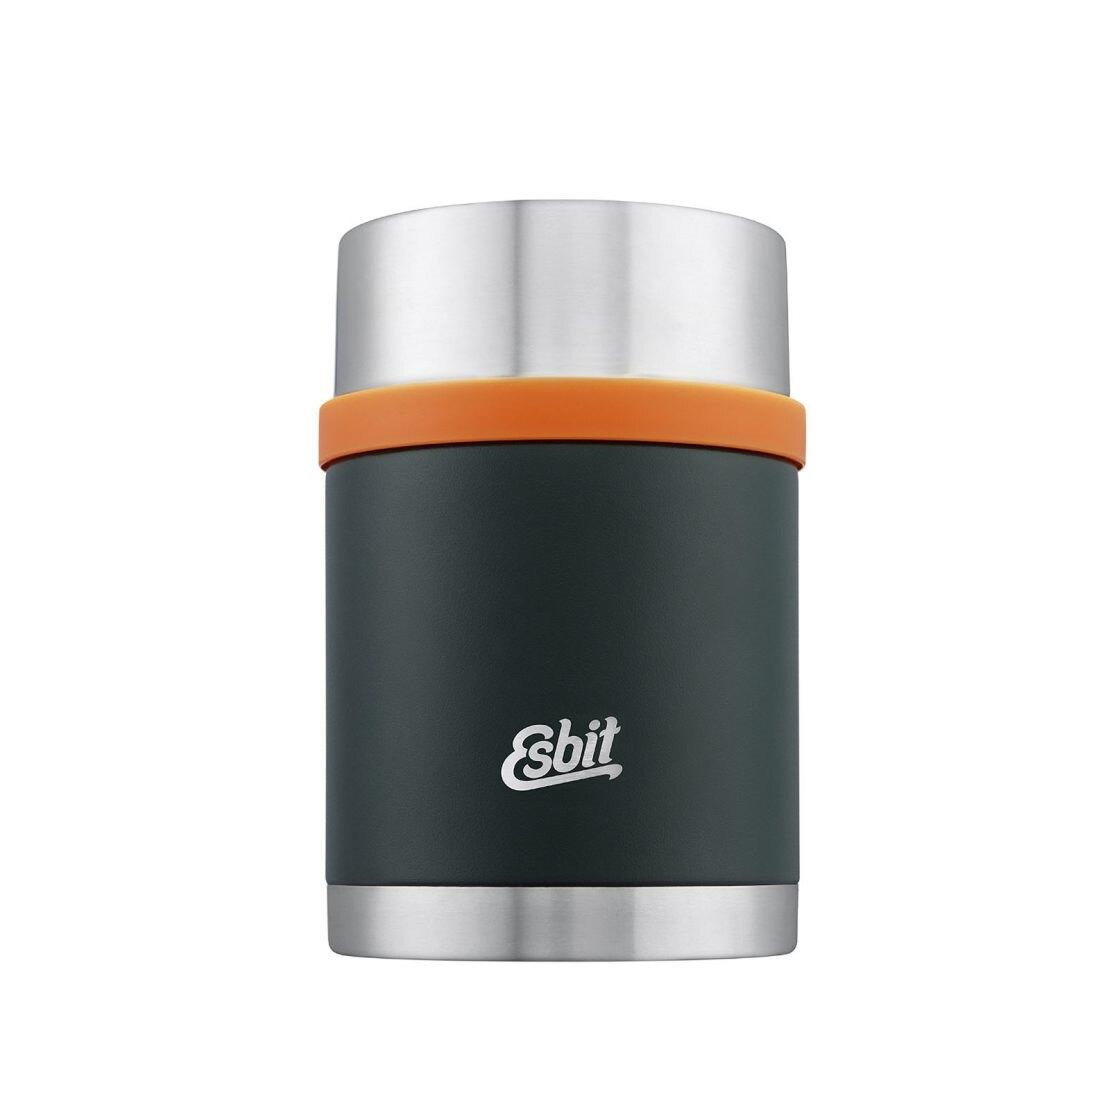 Nerezová termoska na jedlo Sculptor ESBIT® 0,75 l – Forest Green (Farba: Forest Green)